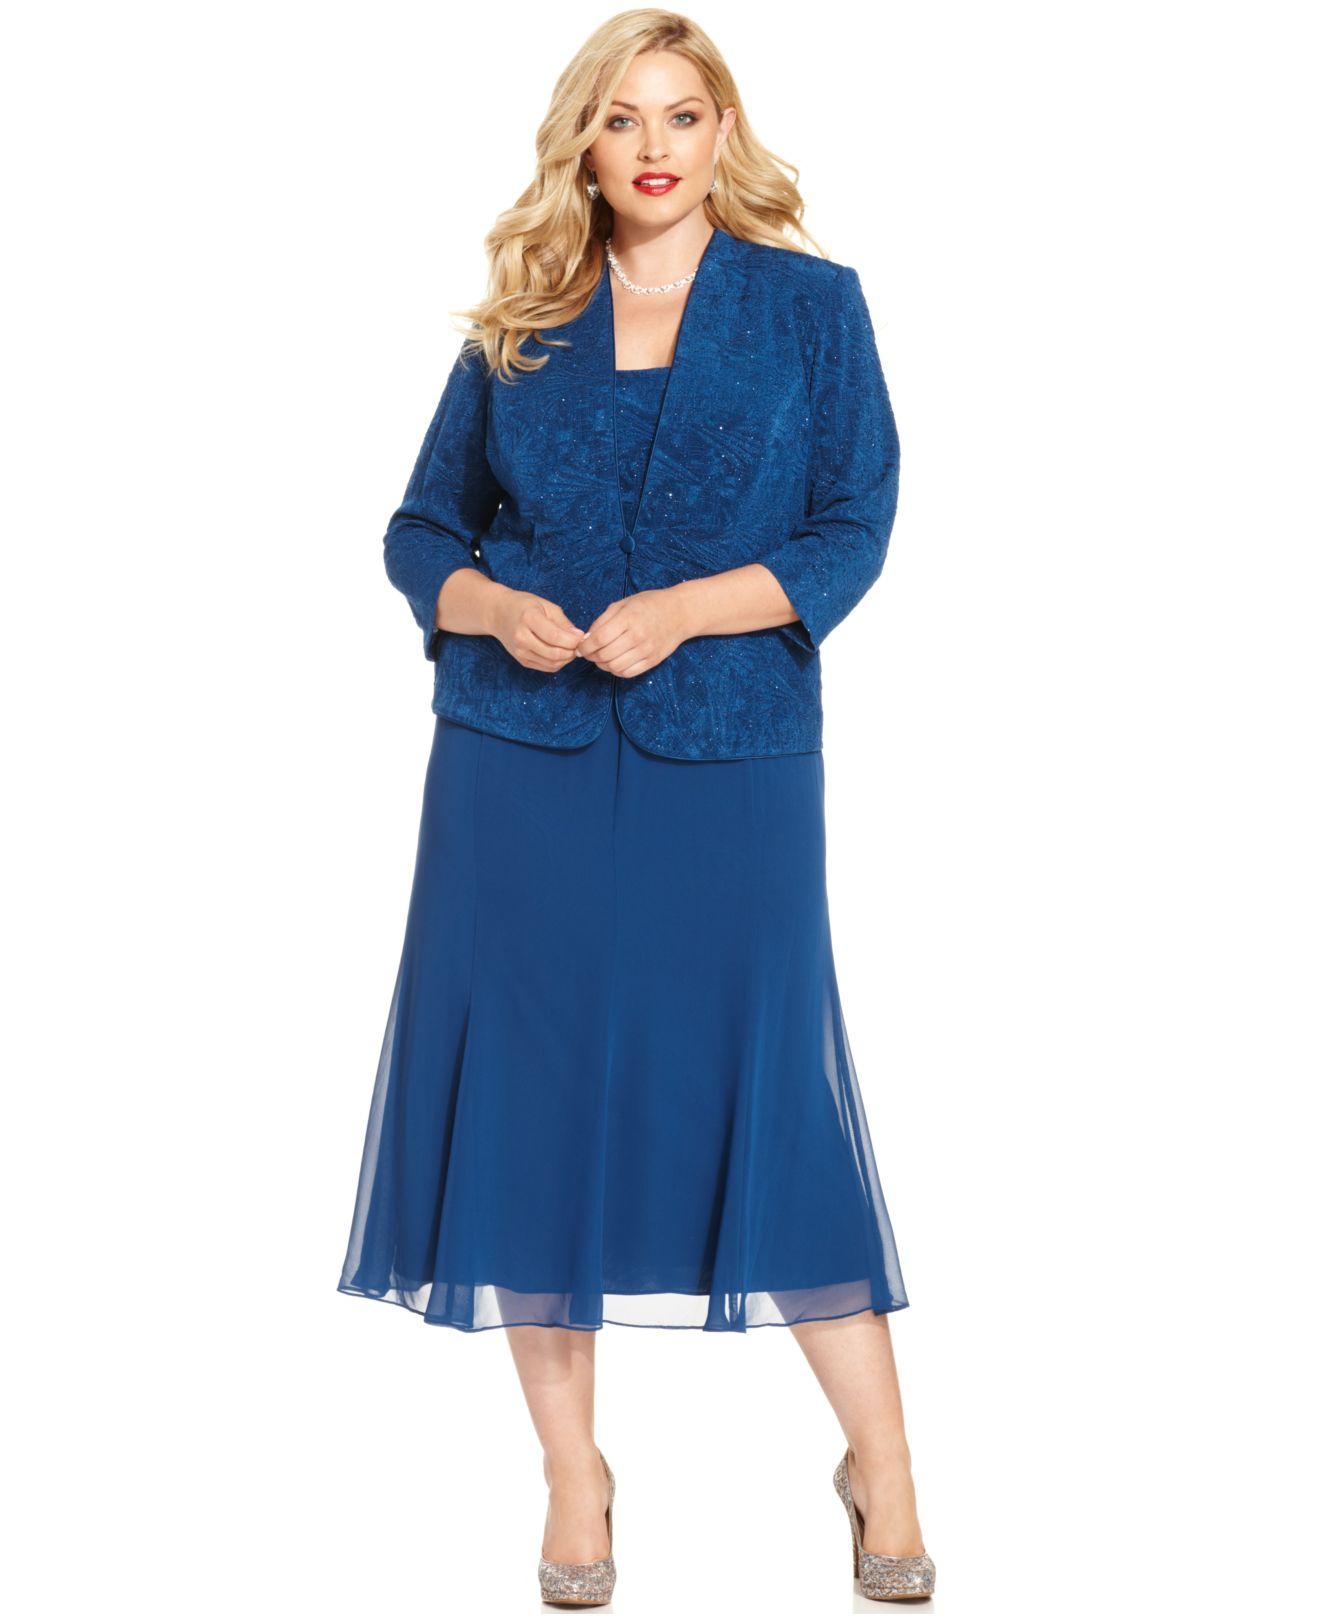 plus length quinceanera dresses beneath $100